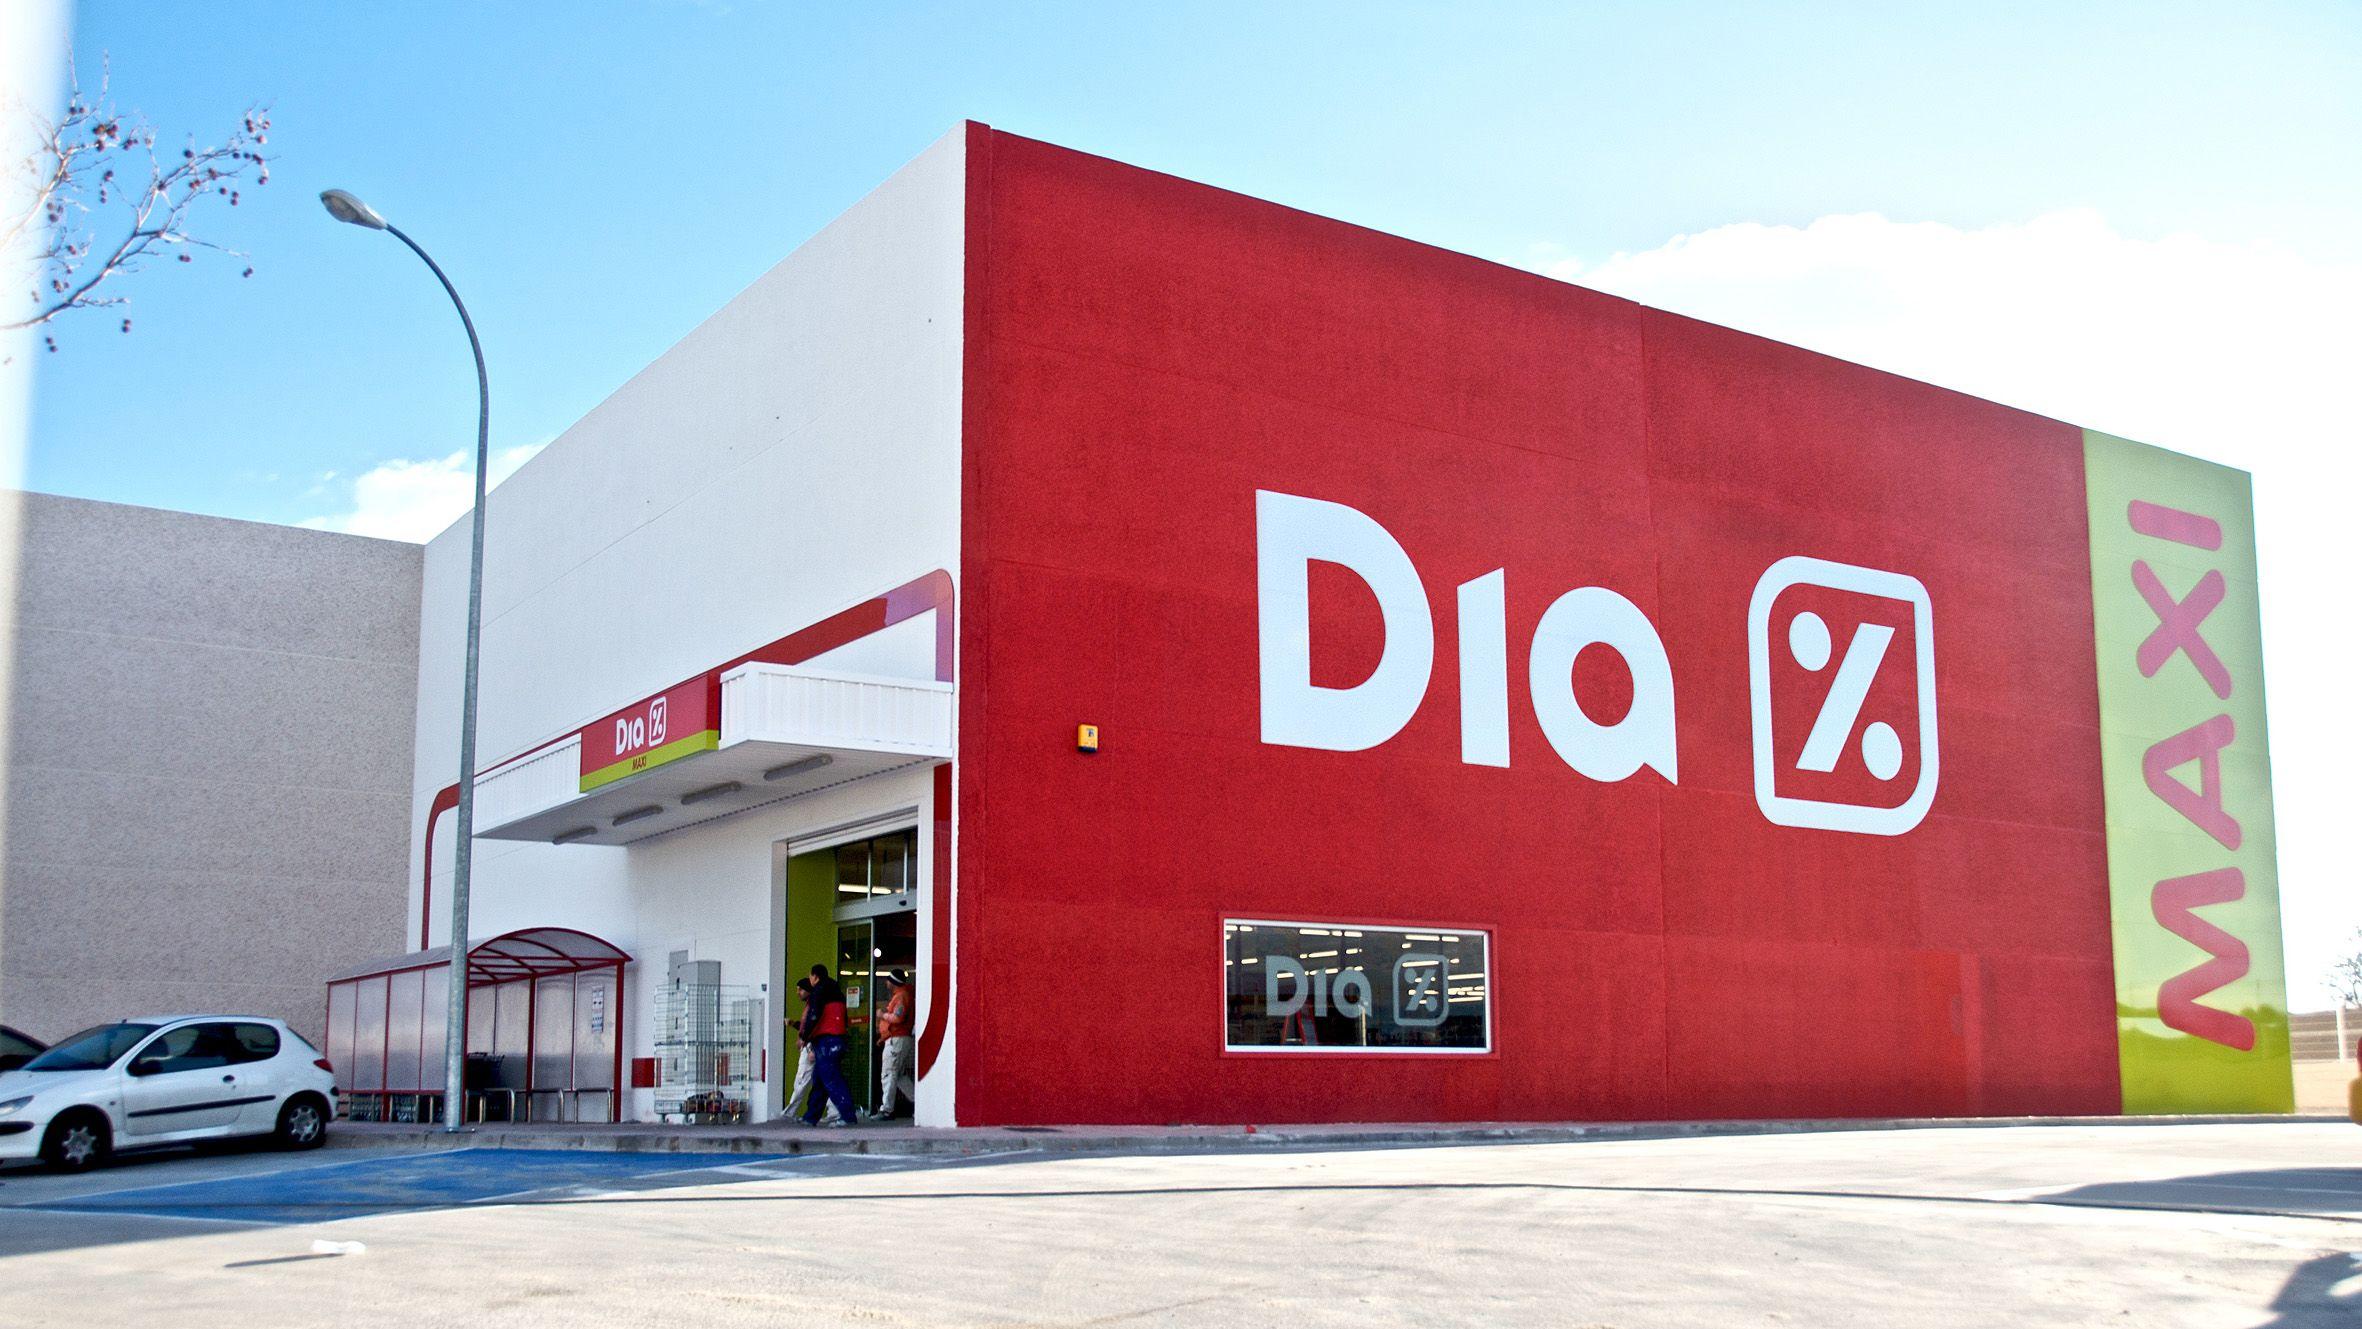 El nuevo equipo gestor de DIA tendrá que tomar medidas cuanto antes para relanzar el negocio y evitar la quiebra de la compañía